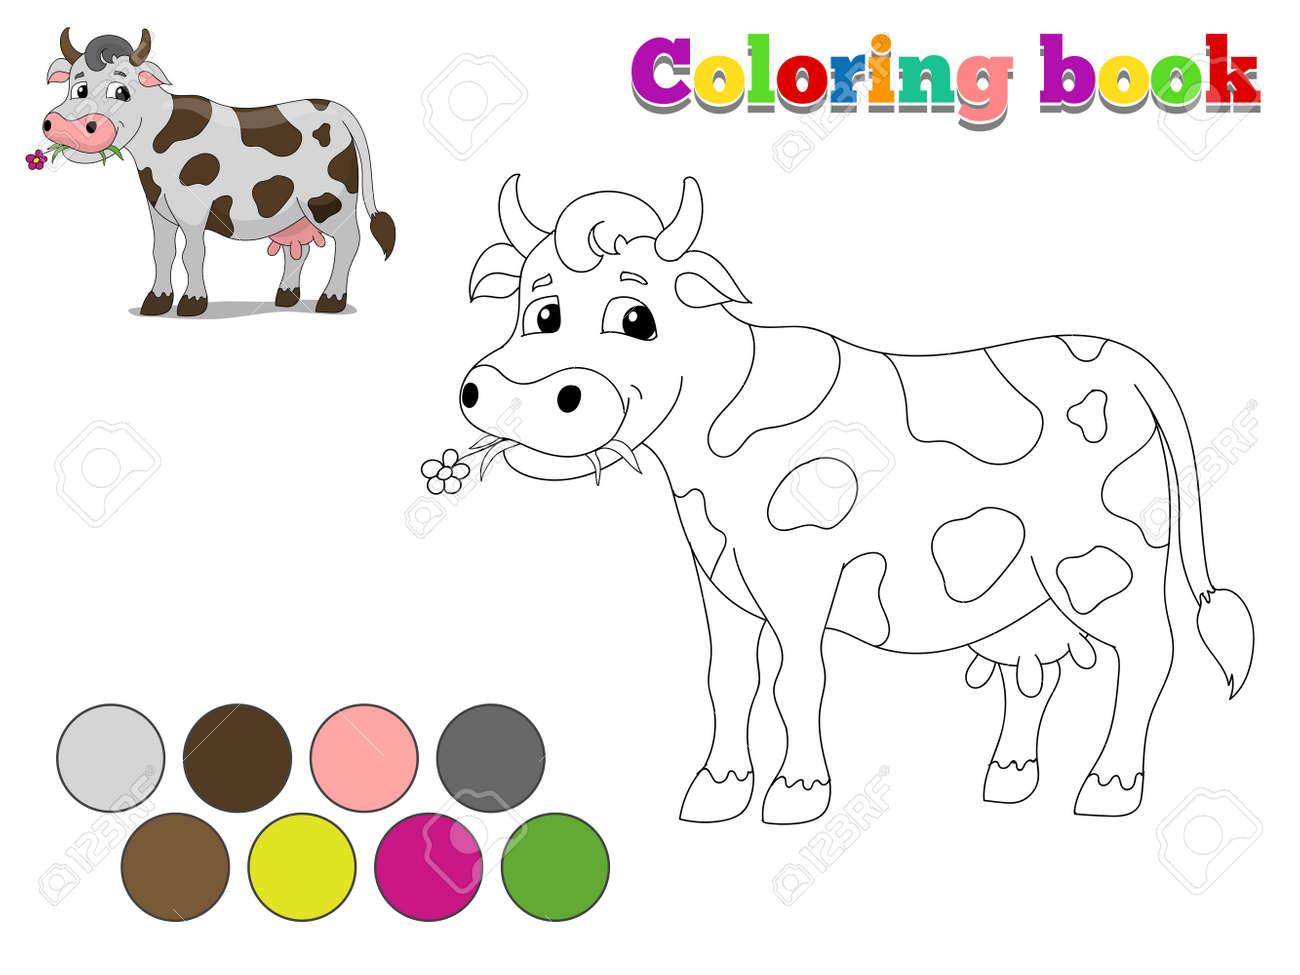 Coloriage Bebe Vache.Livre De Coloriage Vache Mise En Page Pour Les Enfants Bande Dessinee De Jeu Dessines A La Main Illustration Vectorielle